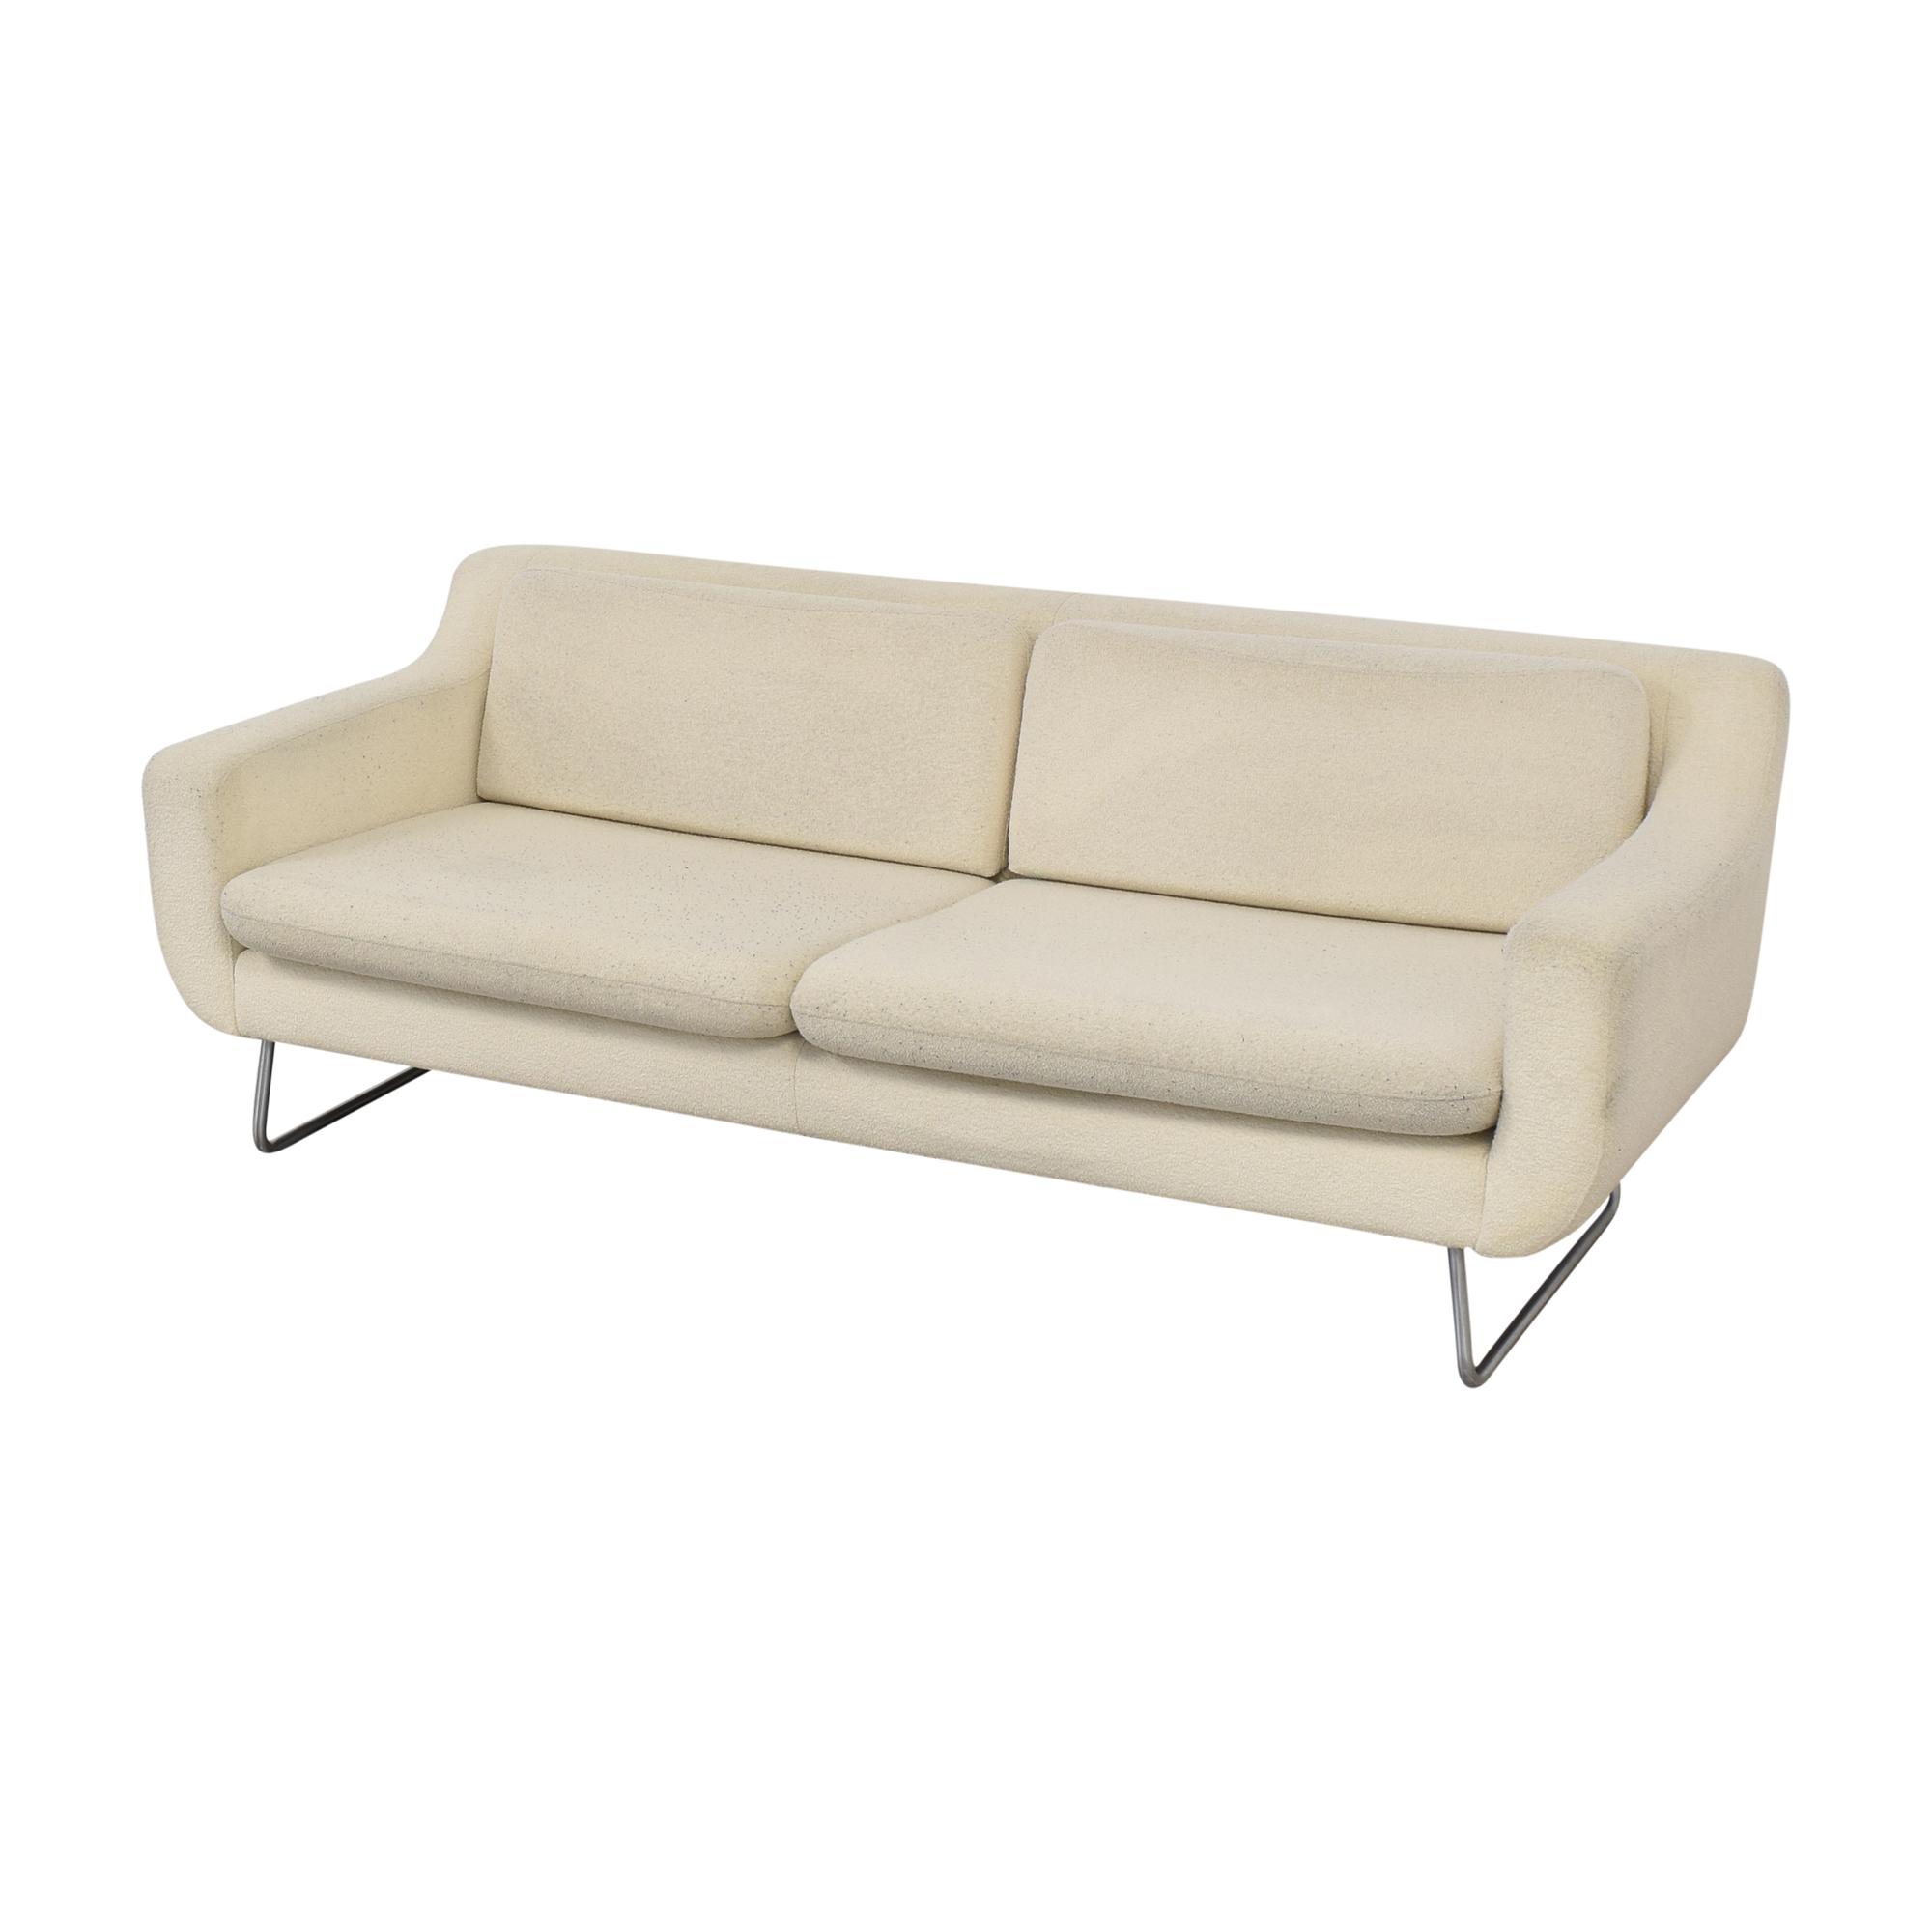 The Conran Shop Content by Conran Aspen Two Cushion Sofa dimensions